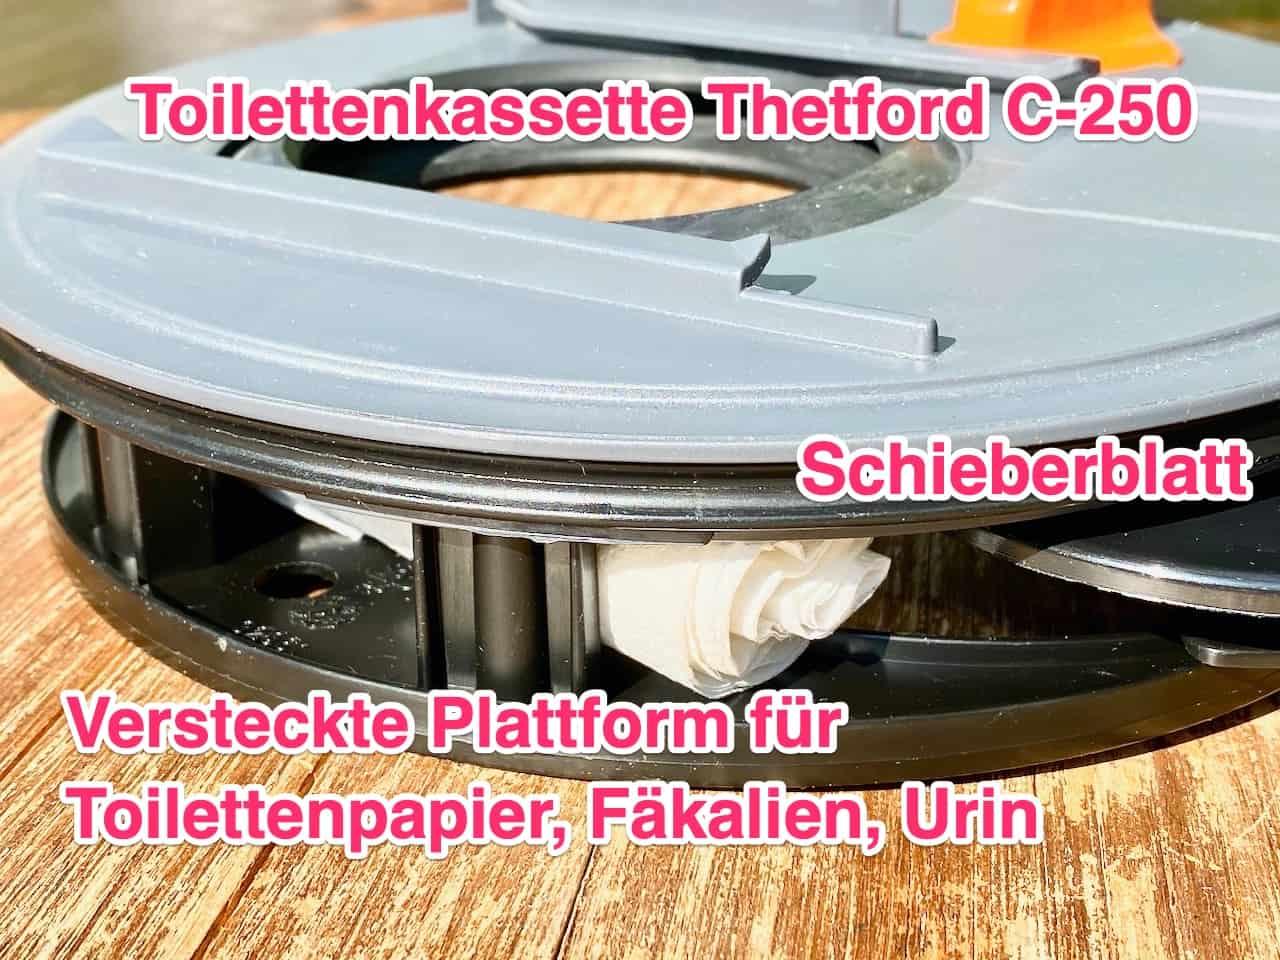 Thetford-Toilettenkassette-C250-stinkt-und-riecht-Ursache-Toilettenpapier-auf-der-zweiten-Plattform-Details